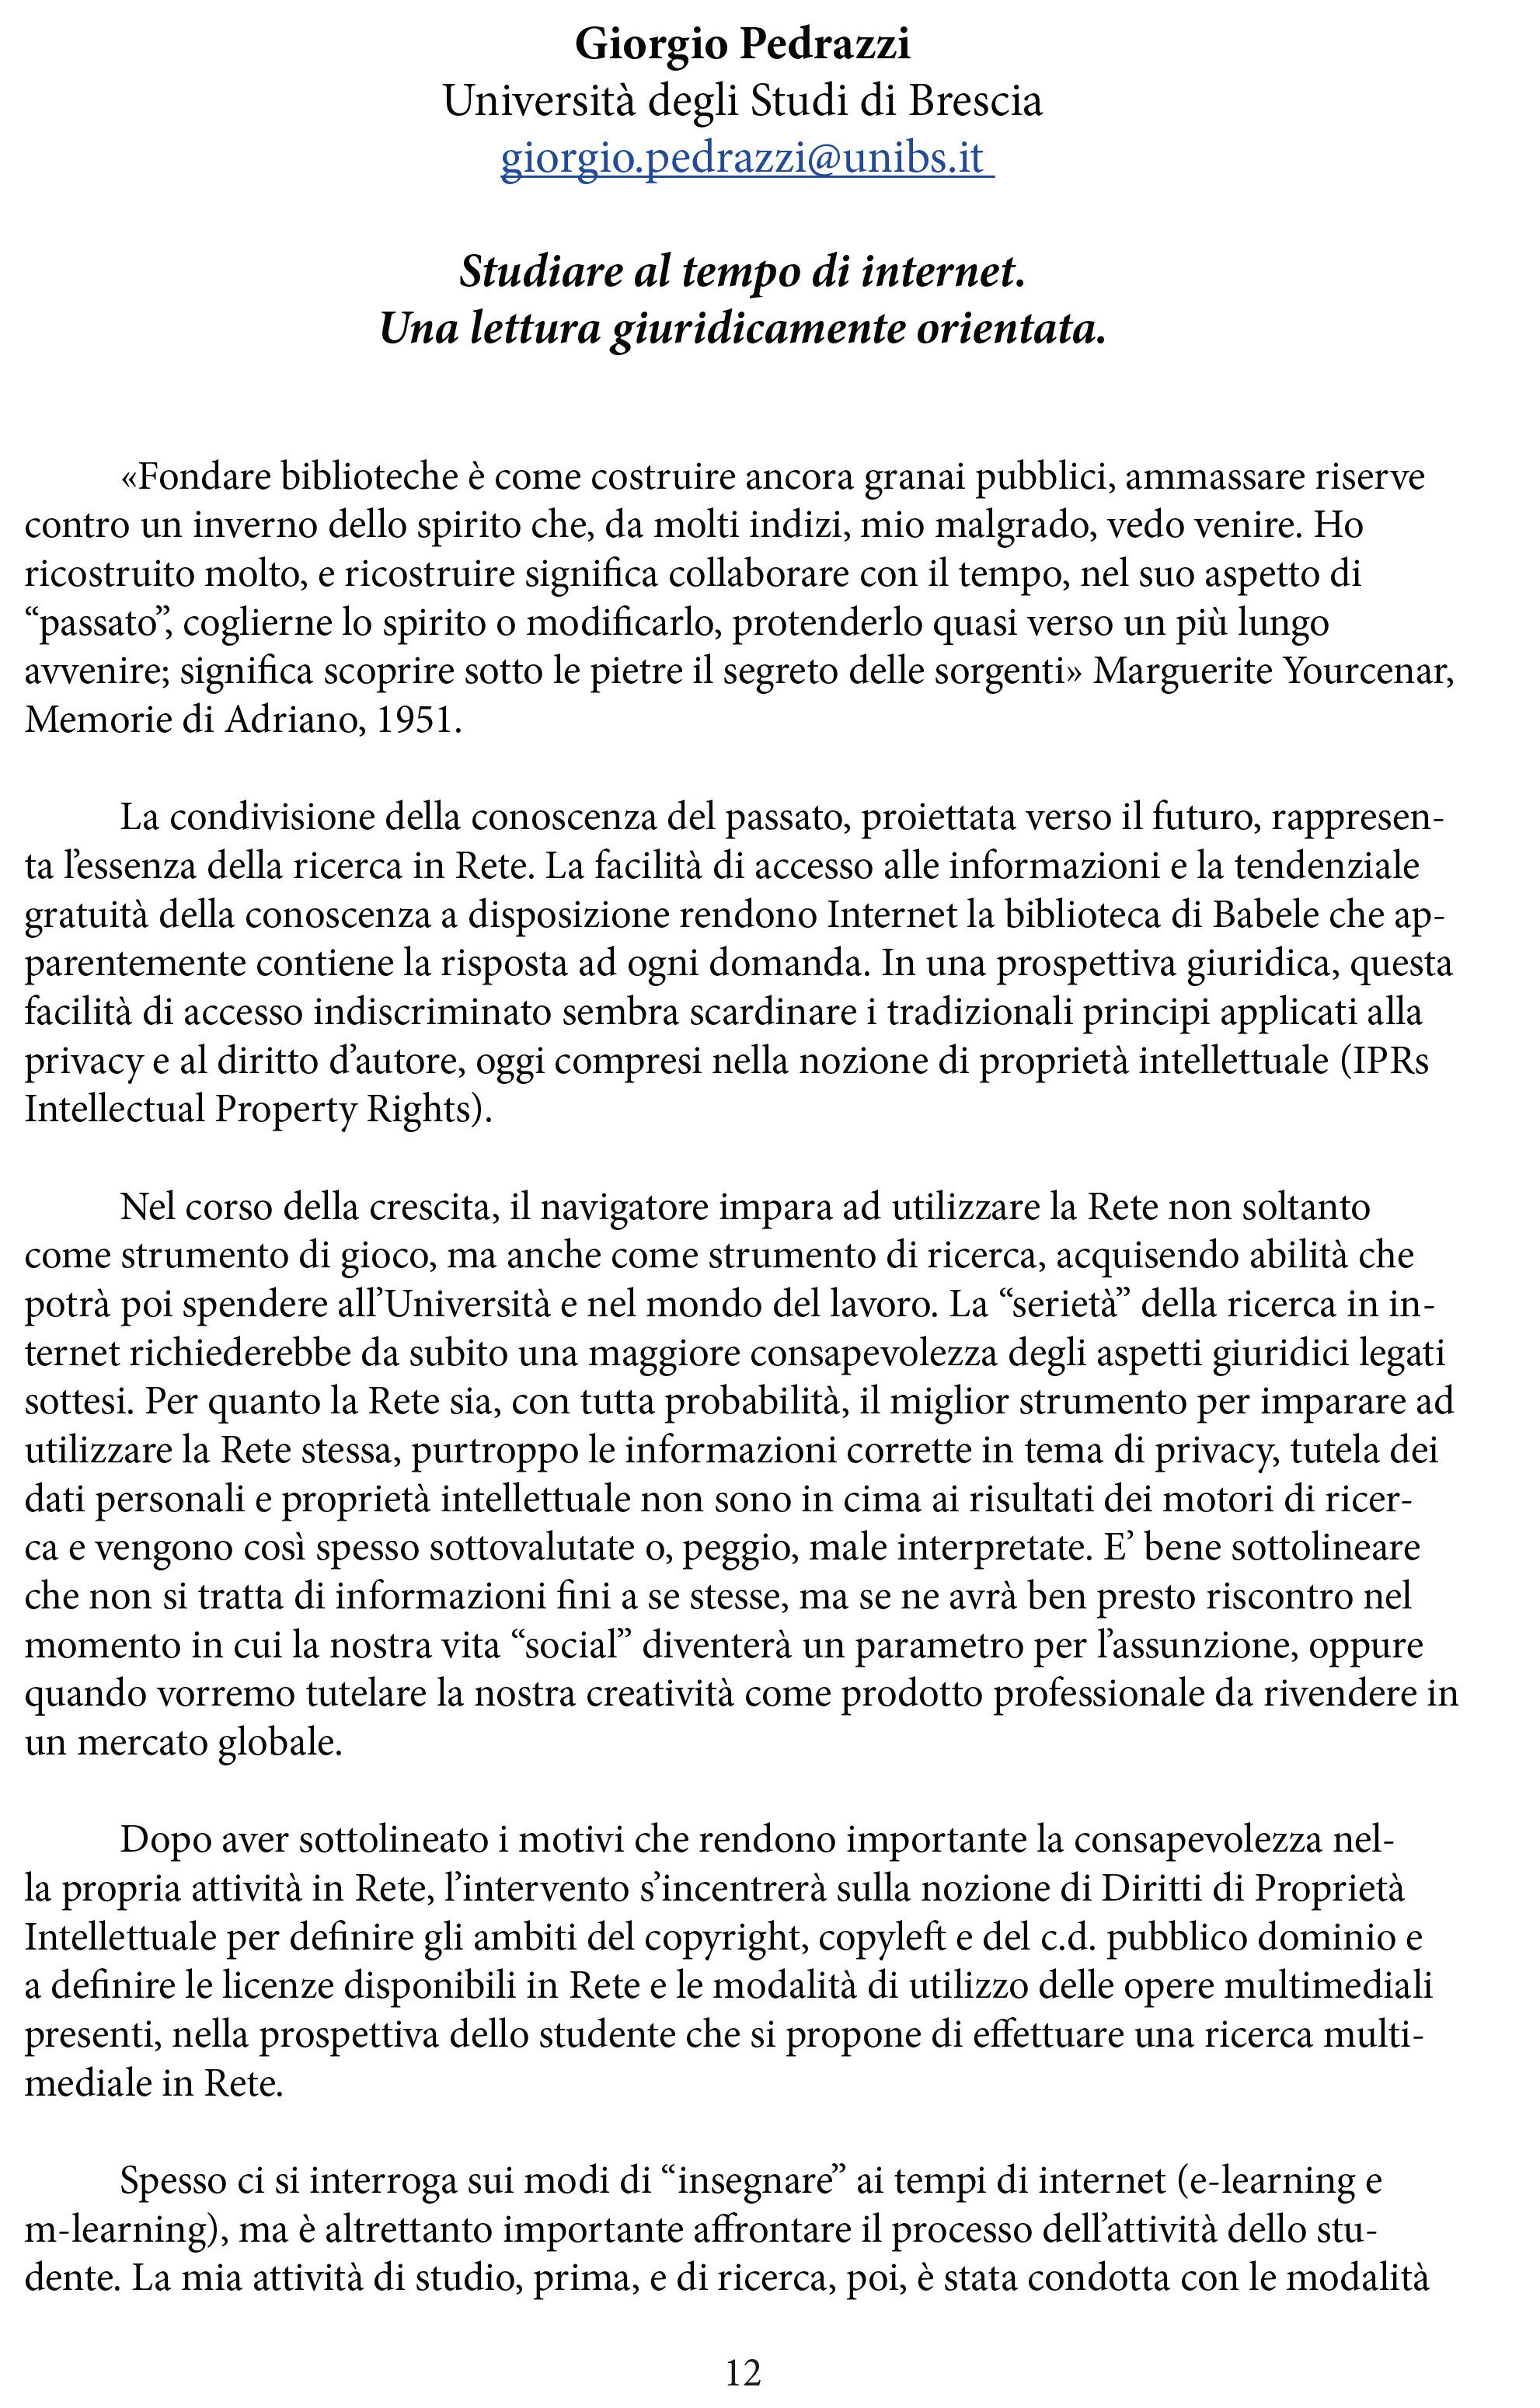 STUDIARE AL TEMPO DI INTERNET-12